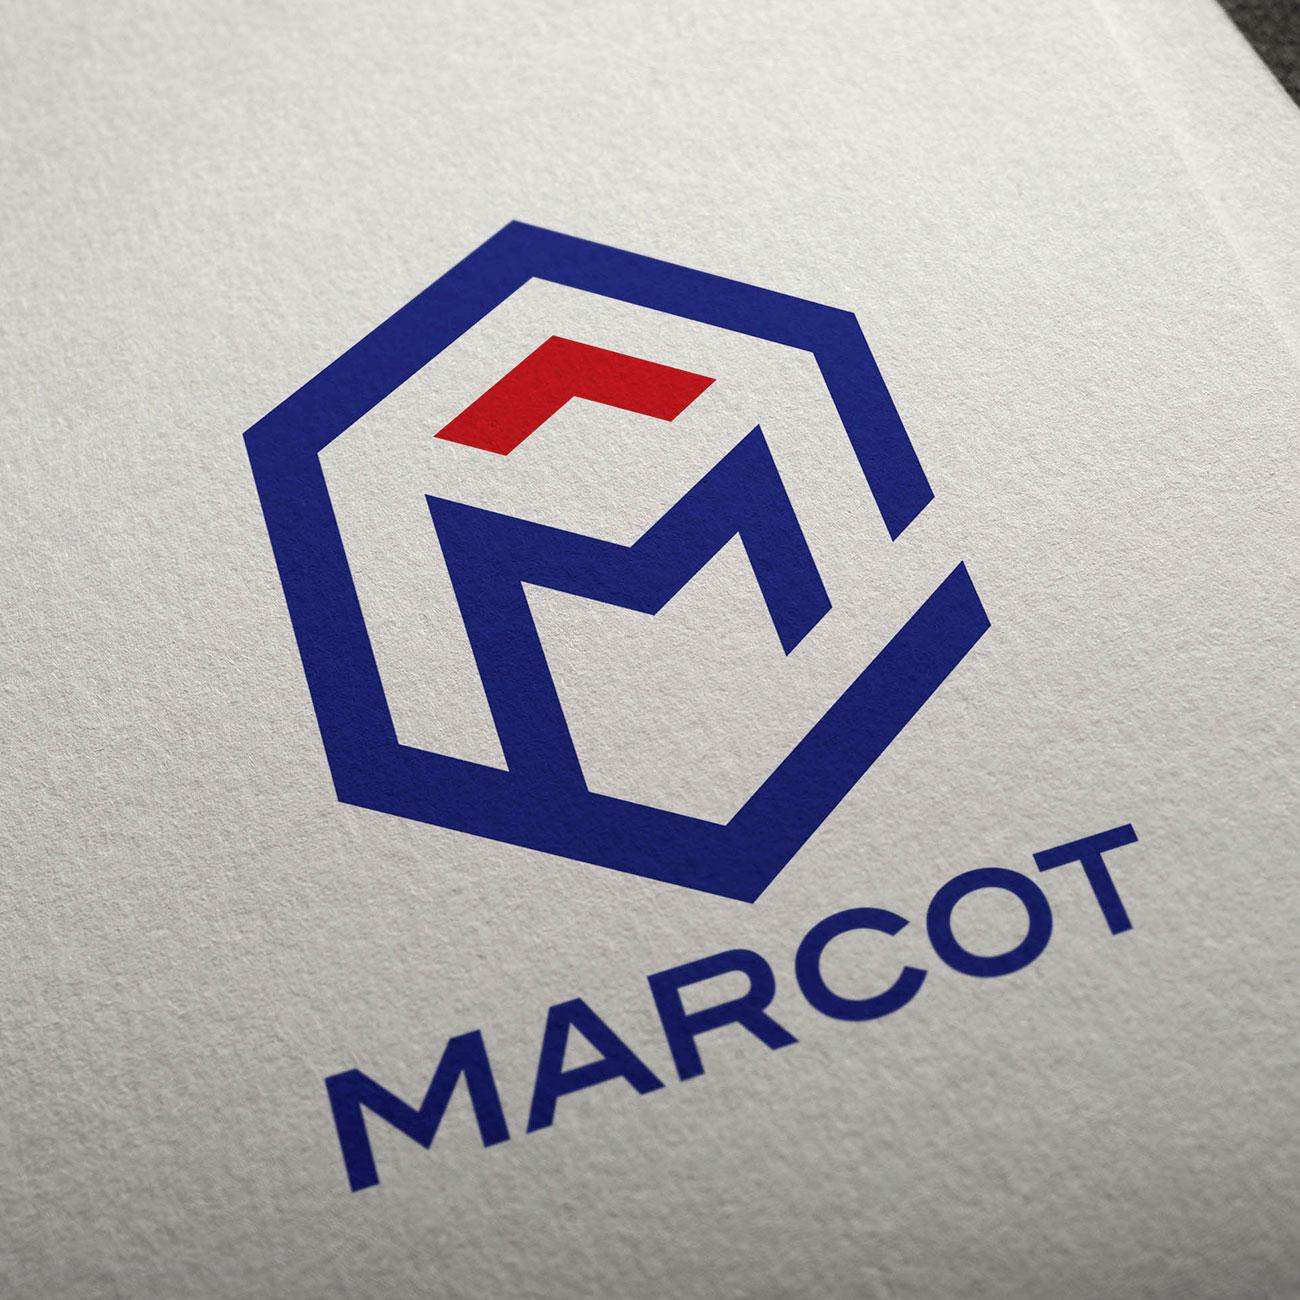 Refonte de logo - MARCOT Chauffage